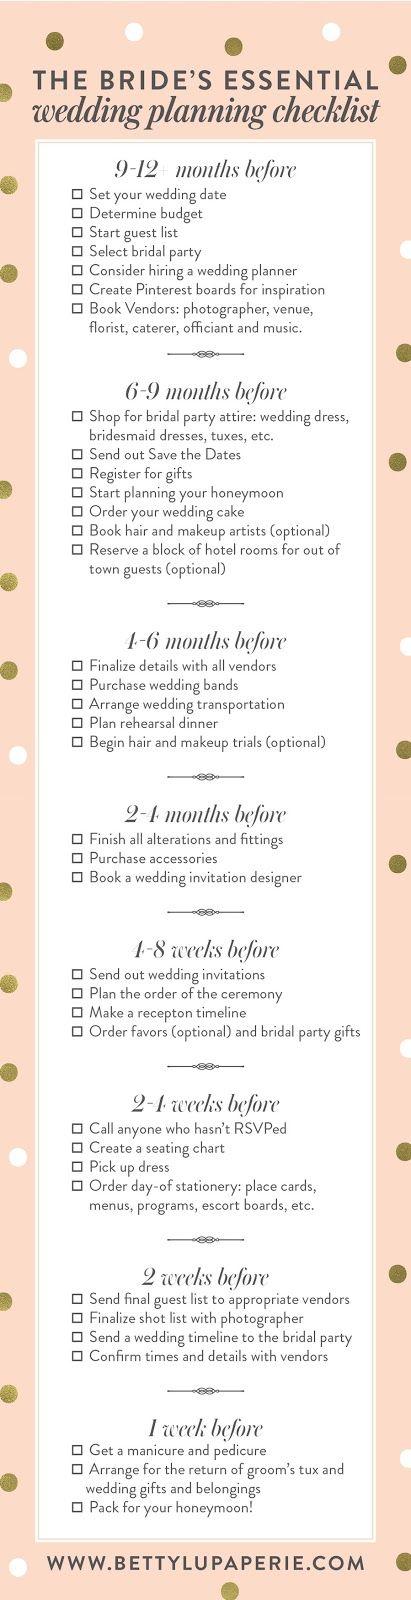 wedding planning checklist best photos Essentials, Weddings and - wedding planning checklist